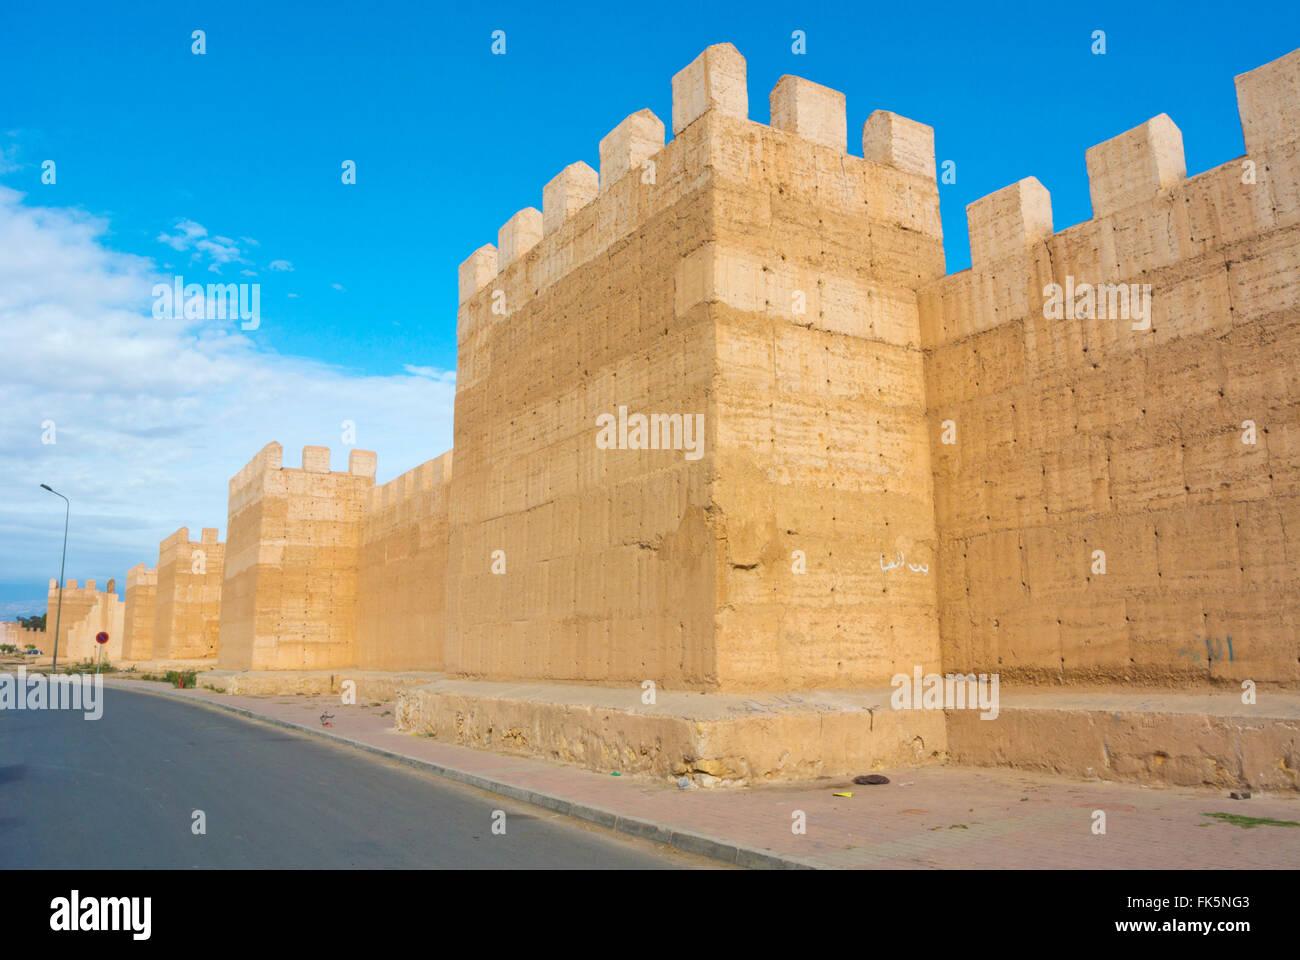 Stadtmauer, Rocade Taroudant, Taroudant, Souss Tal, Süd-Marokko, Nordafrika Stockbild